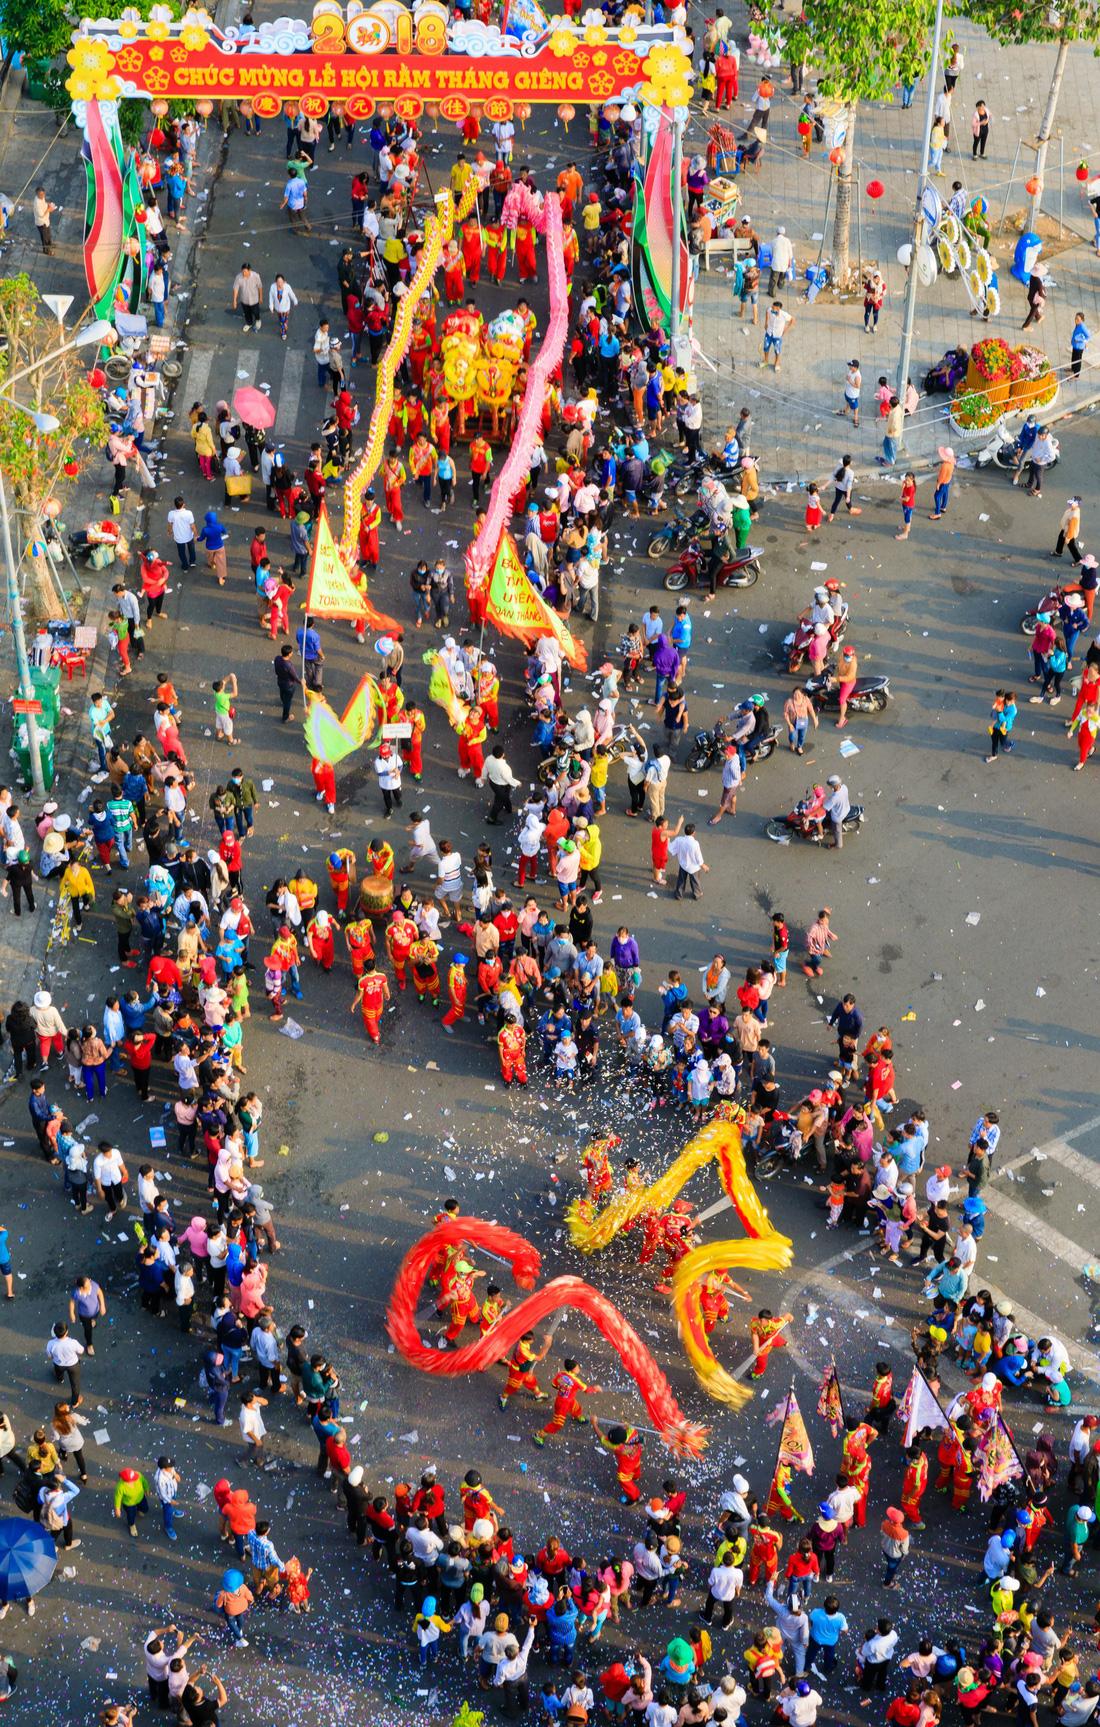 Nét đẹp lễ hội ở Thủ Dầu Một - Ảnh 6.